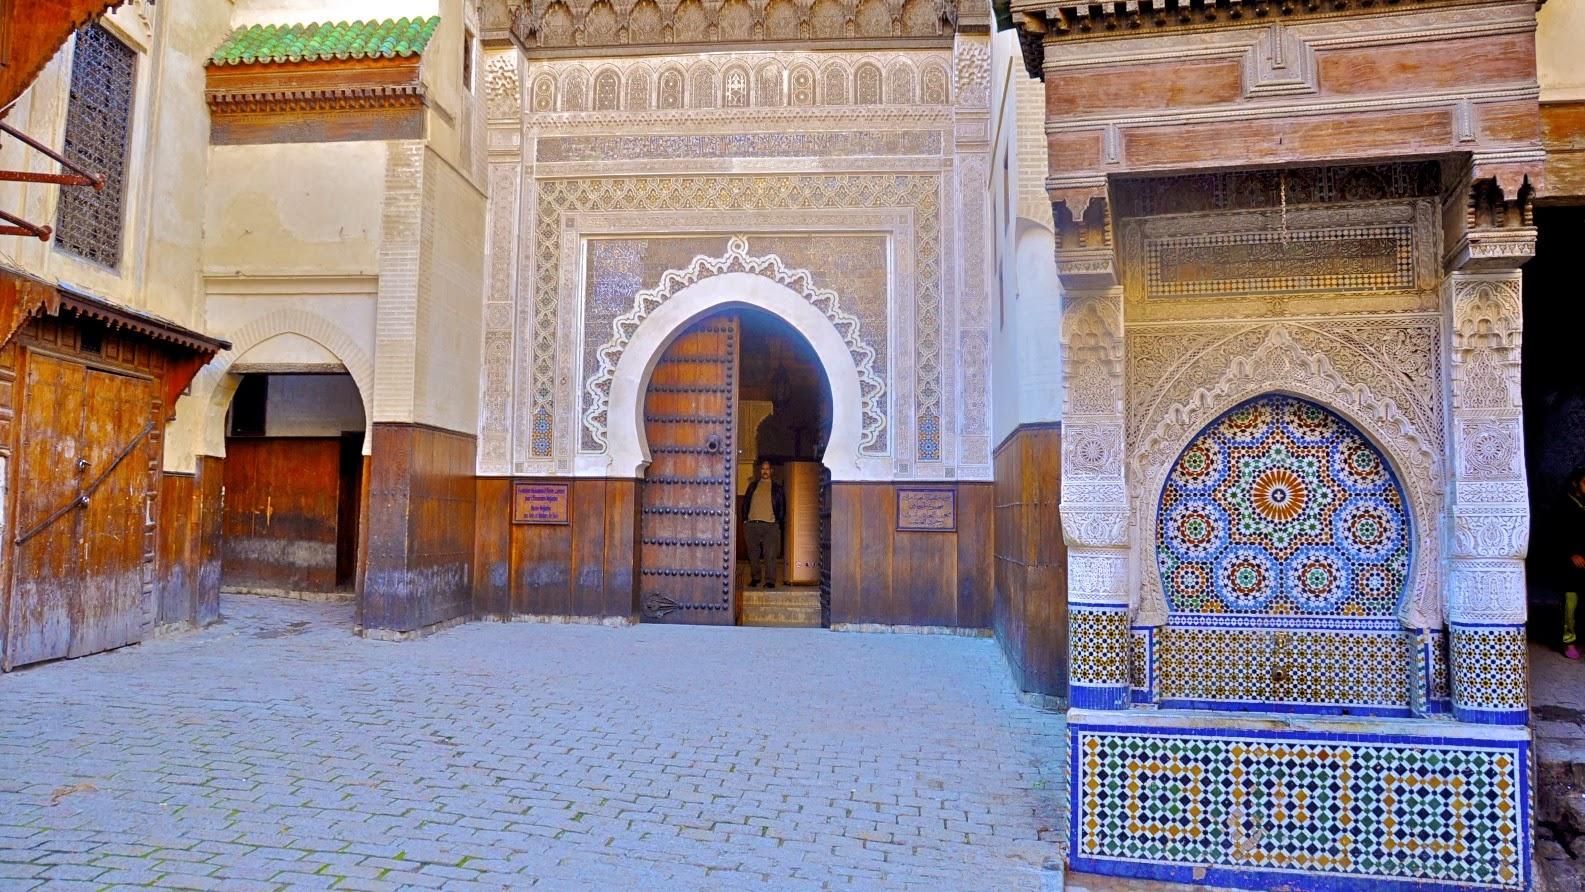 arrriba uno de los ms bellos rincones de la medina fez elbali es la medina de fez una de las ciudades imperiales de marruecos fundada a iniciativa de